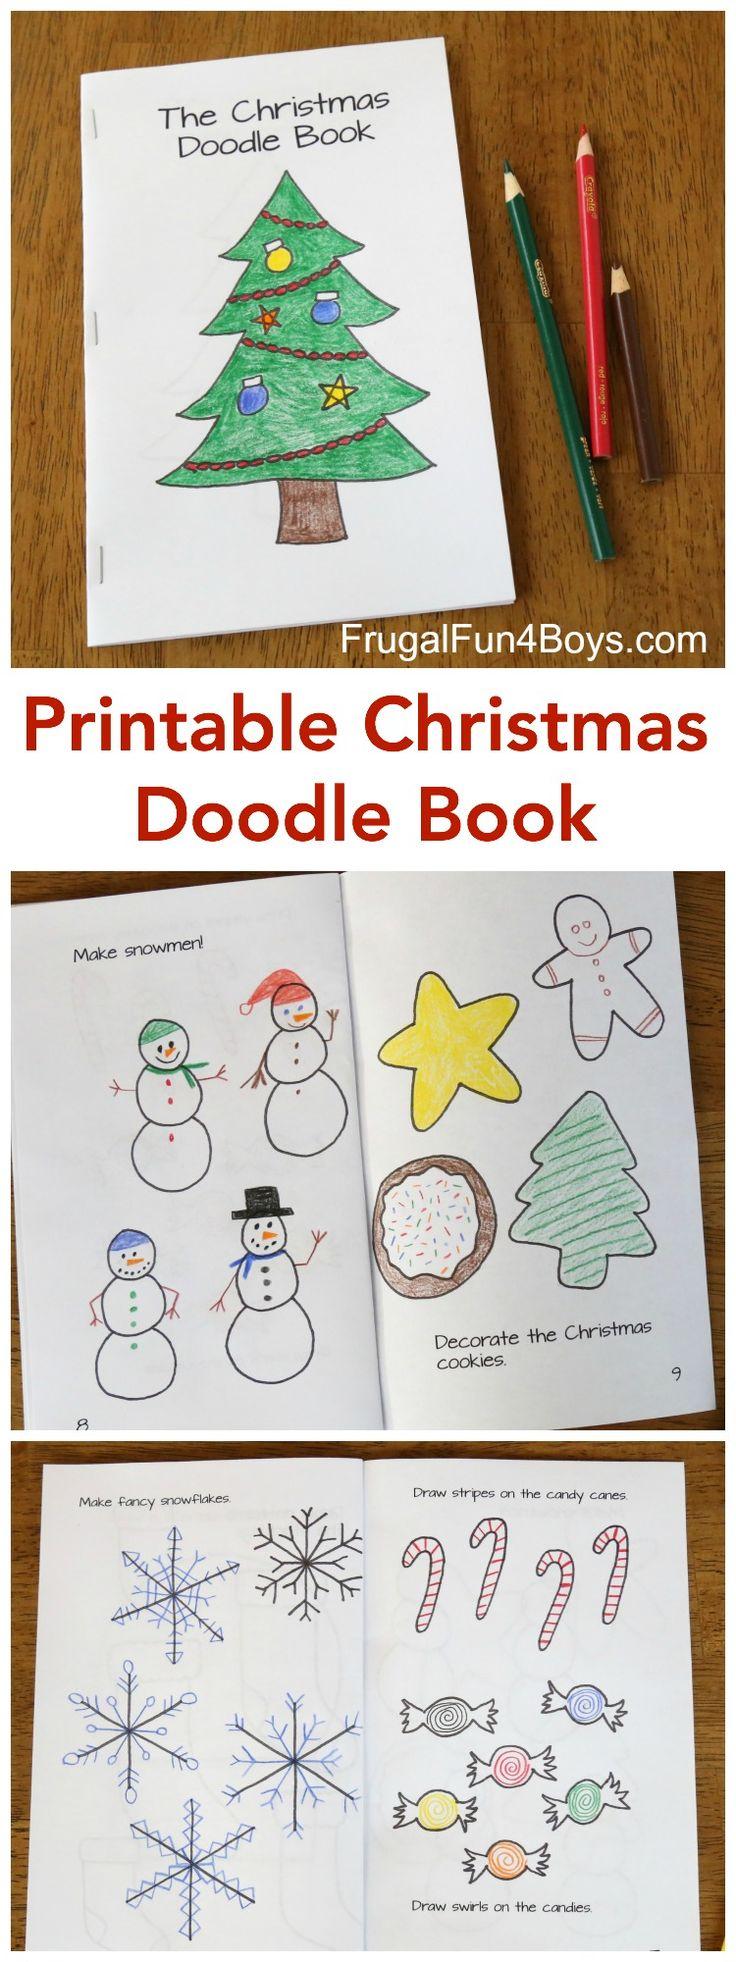 Printable Christmas Doodle Book